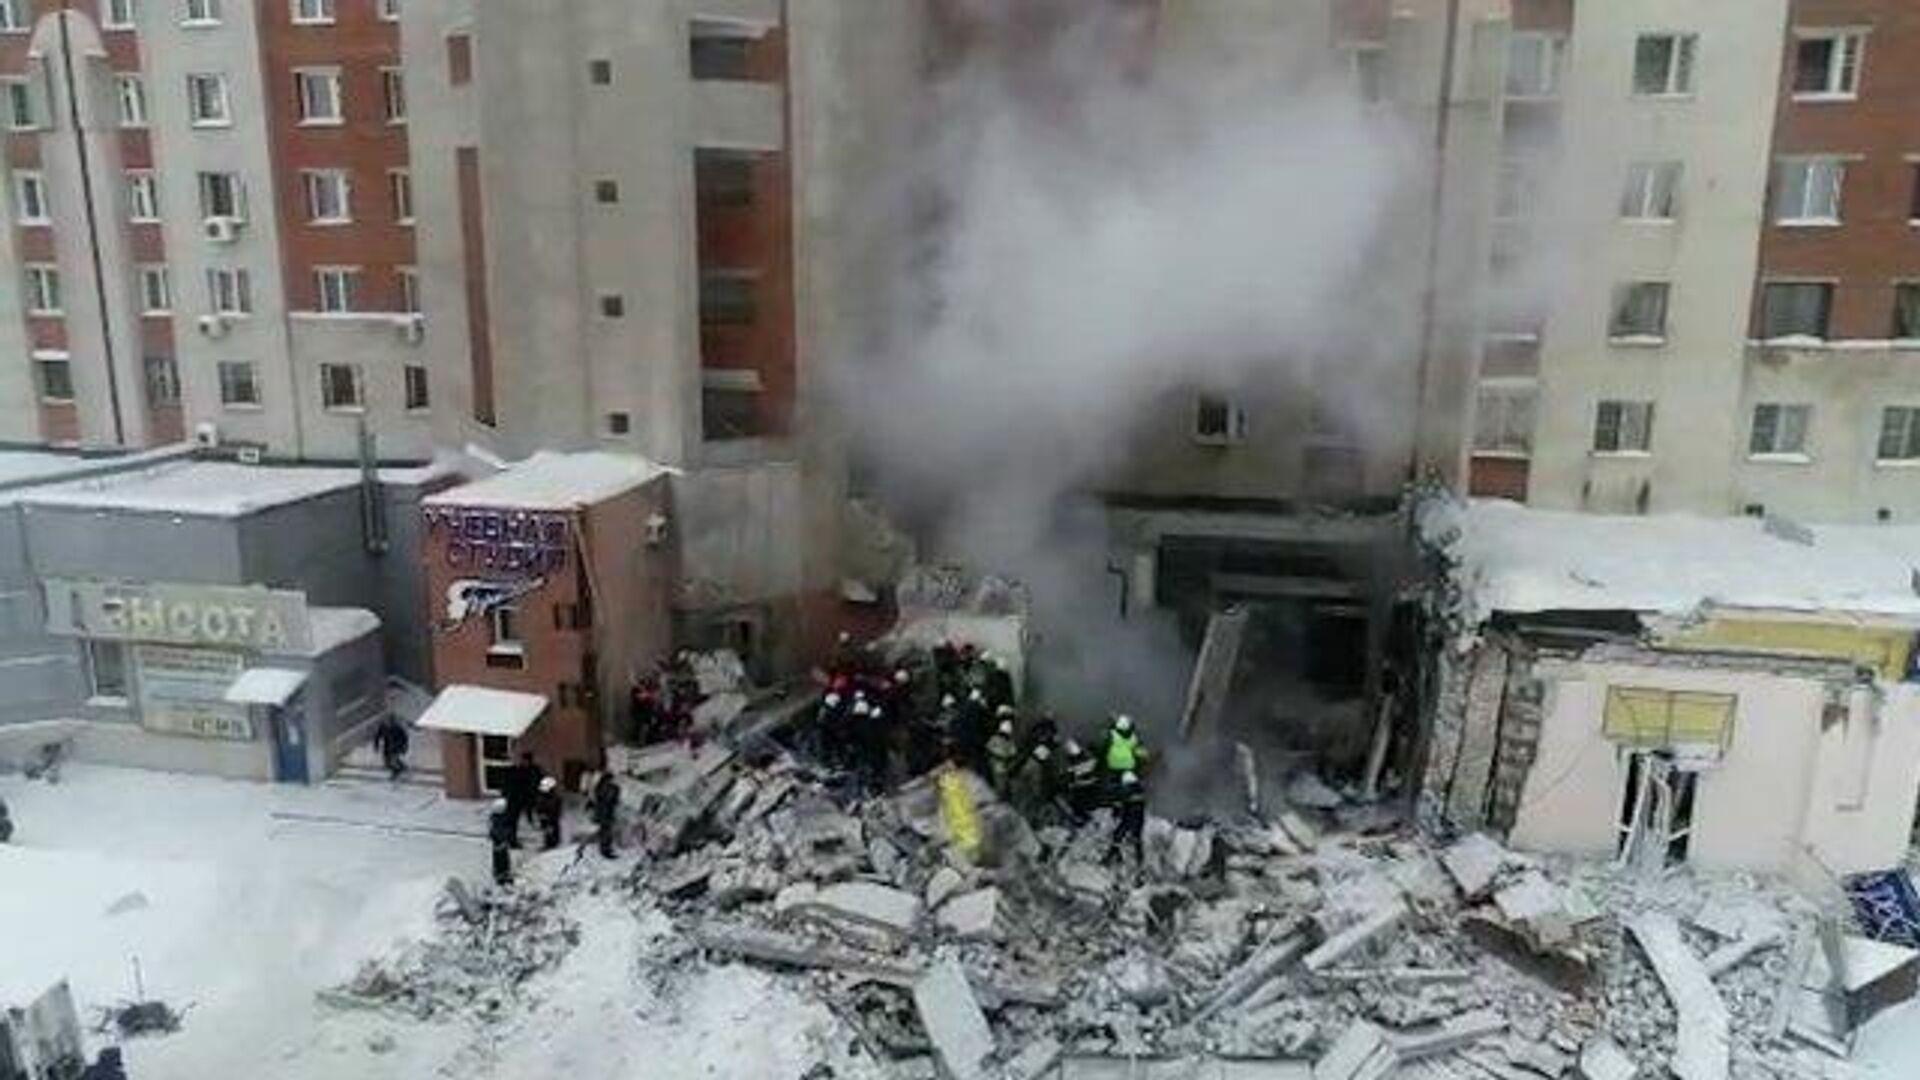 Последствия взрыва газа в Нижнем Новгороде. Кадры МЧС - РИА Новости, 1920, 26.02.2021